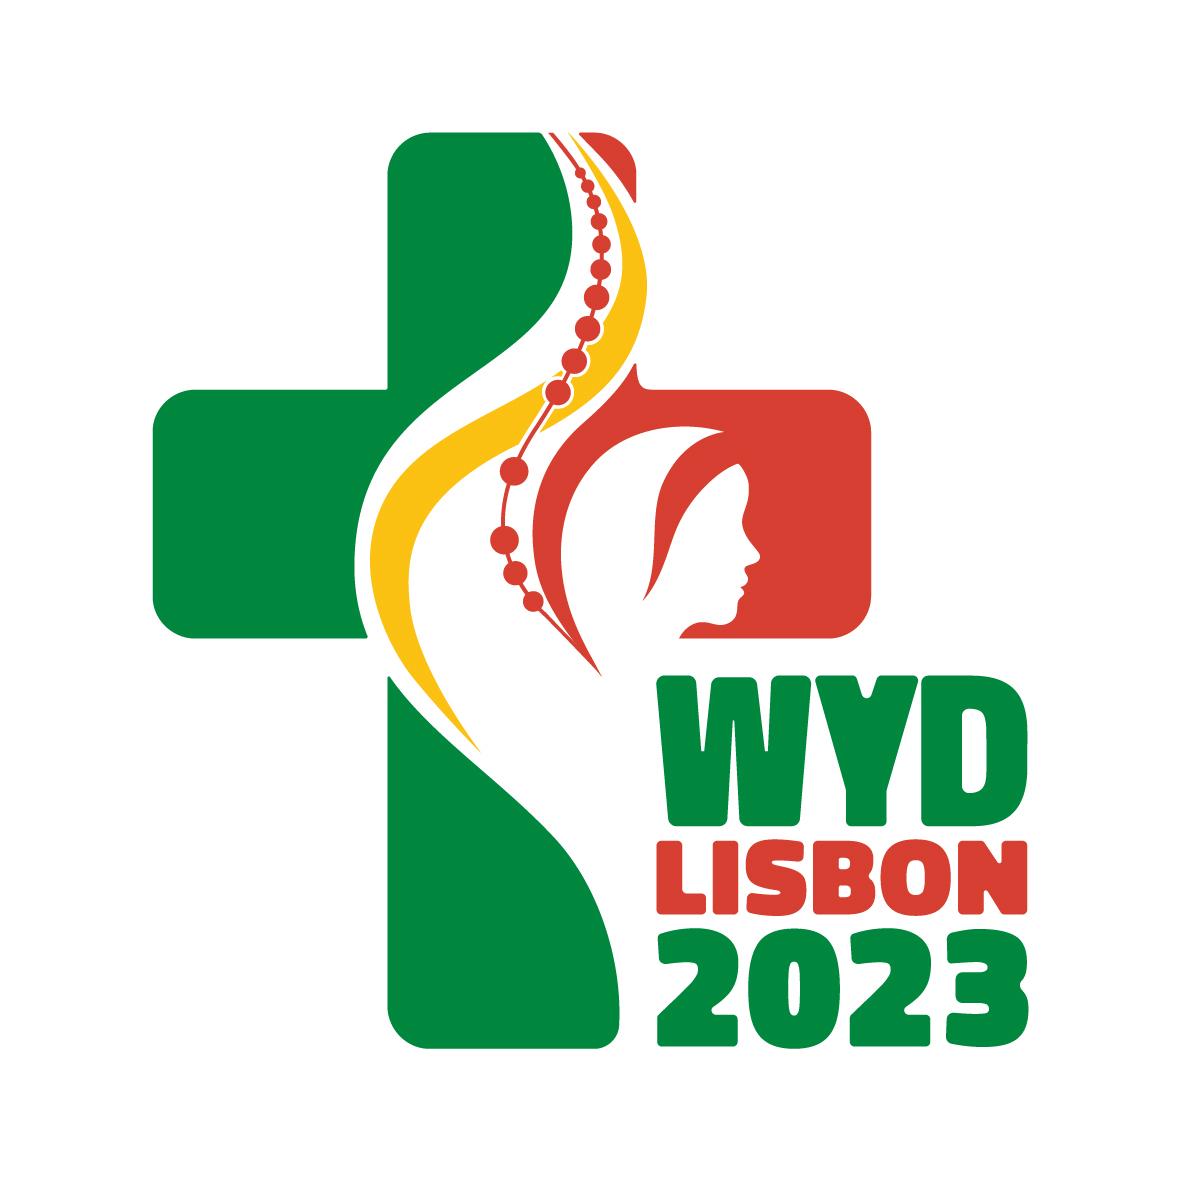 Les JMJ de Lisbonne se tiendront du 1er au 6 août 2023